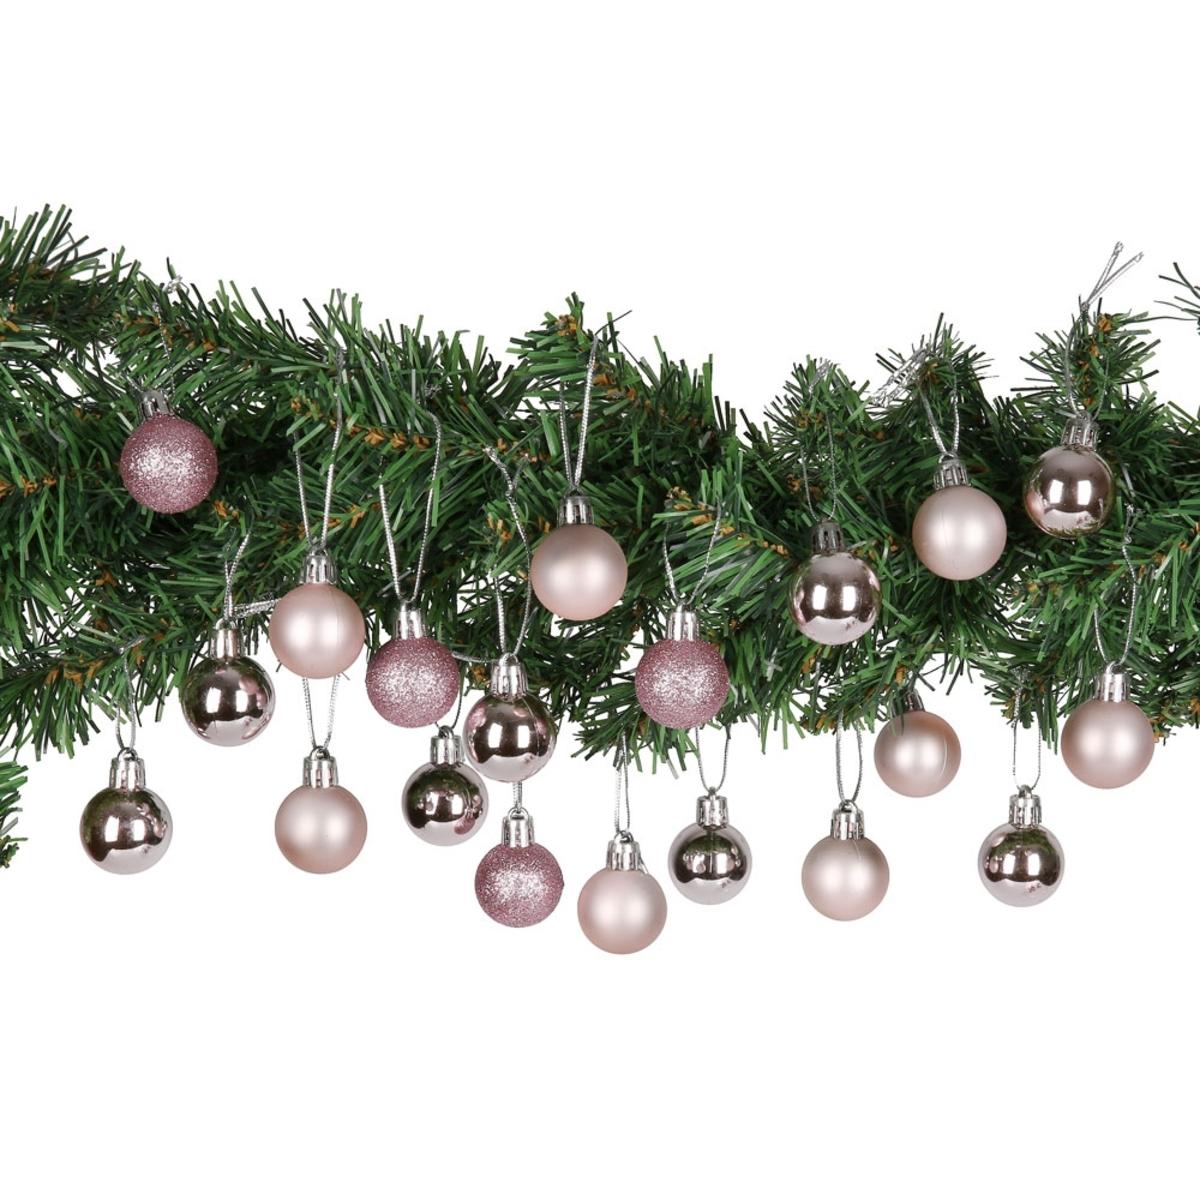 Bild 4 von Weihnachtskugeln, 3 cm, 20er-Set, rosa,